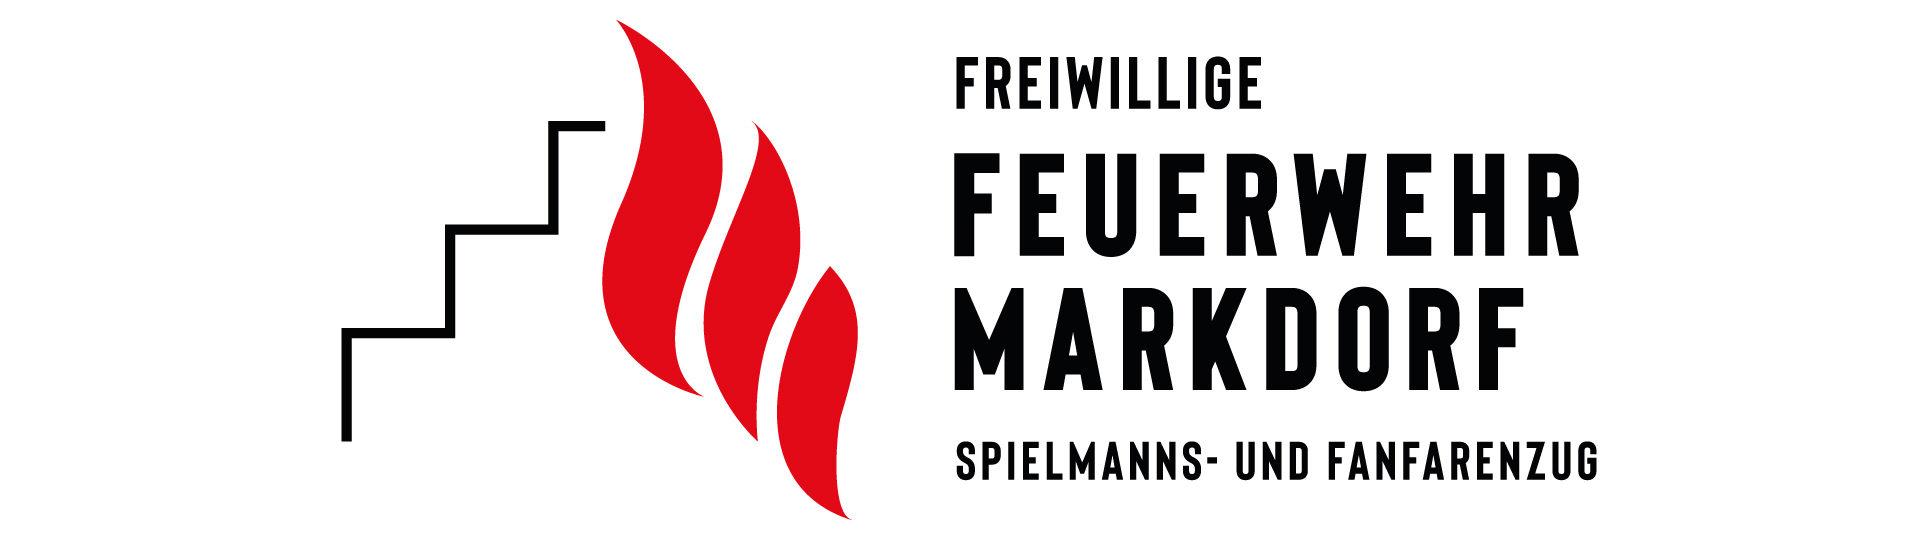 Spielmanns- und Fanfarenzug der Freiwilligen Feuerwehr Markdorf